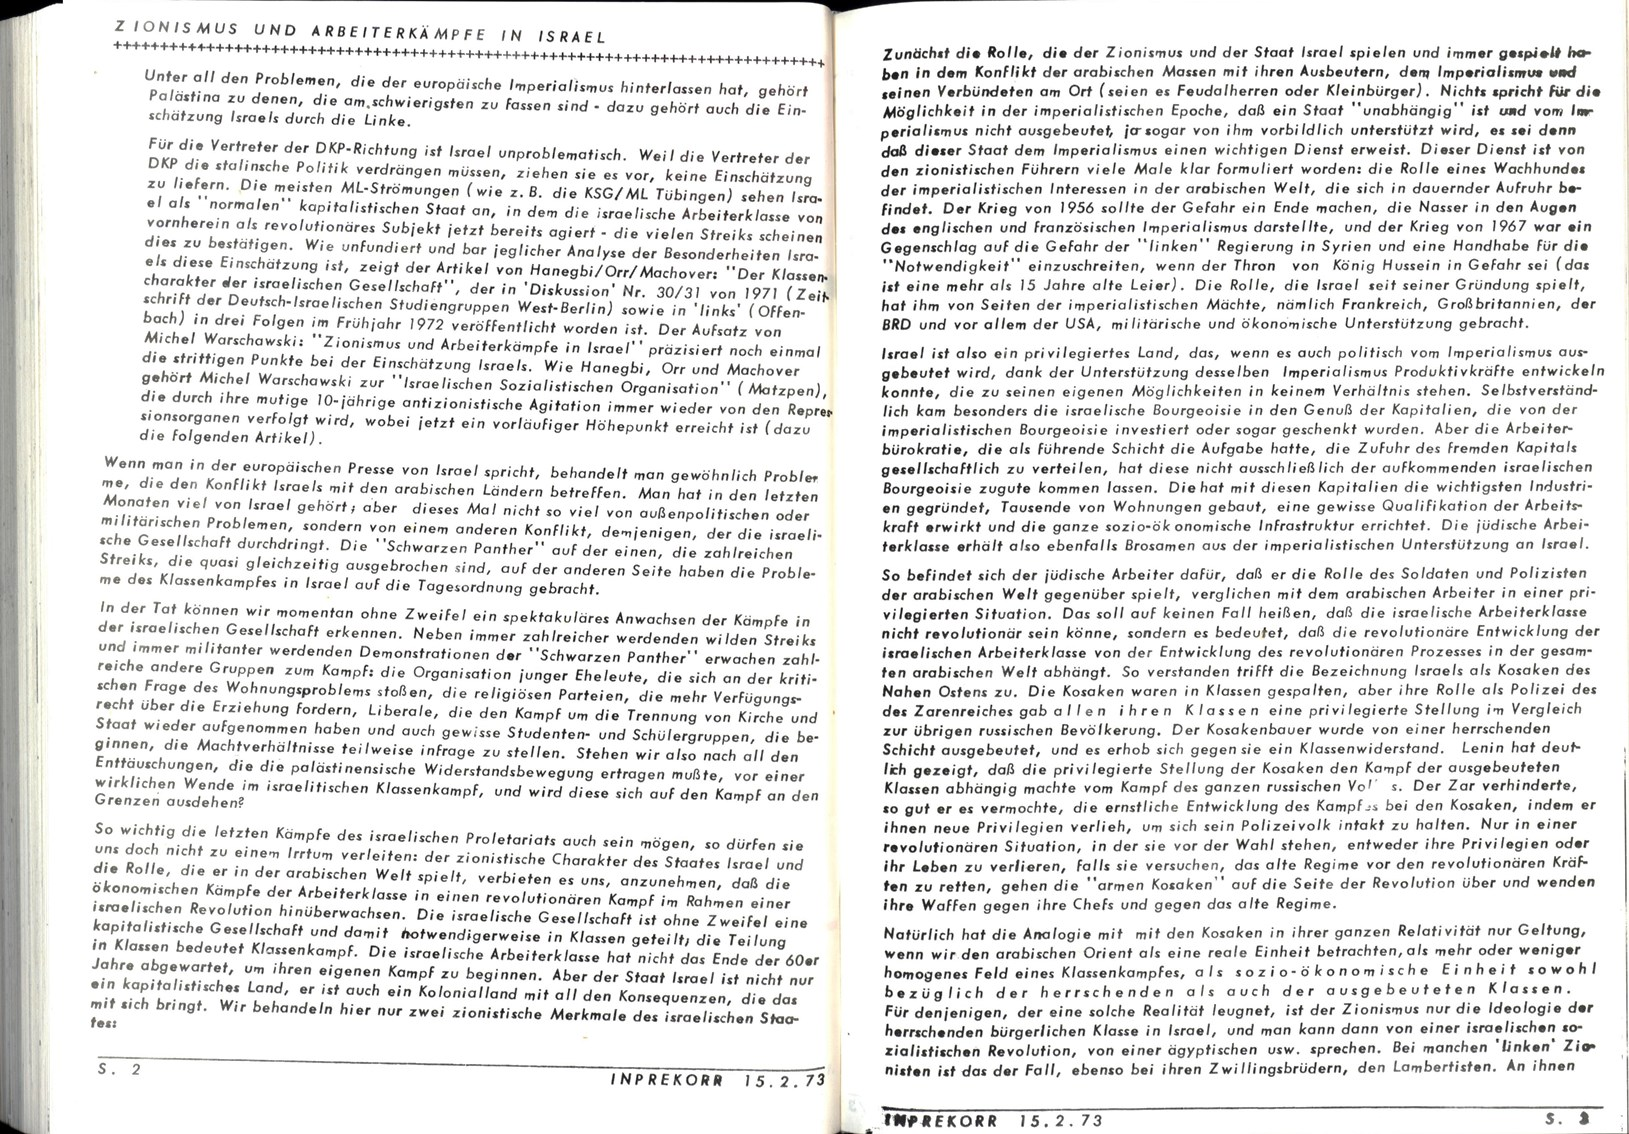 Inprekorr_19730215_024_002